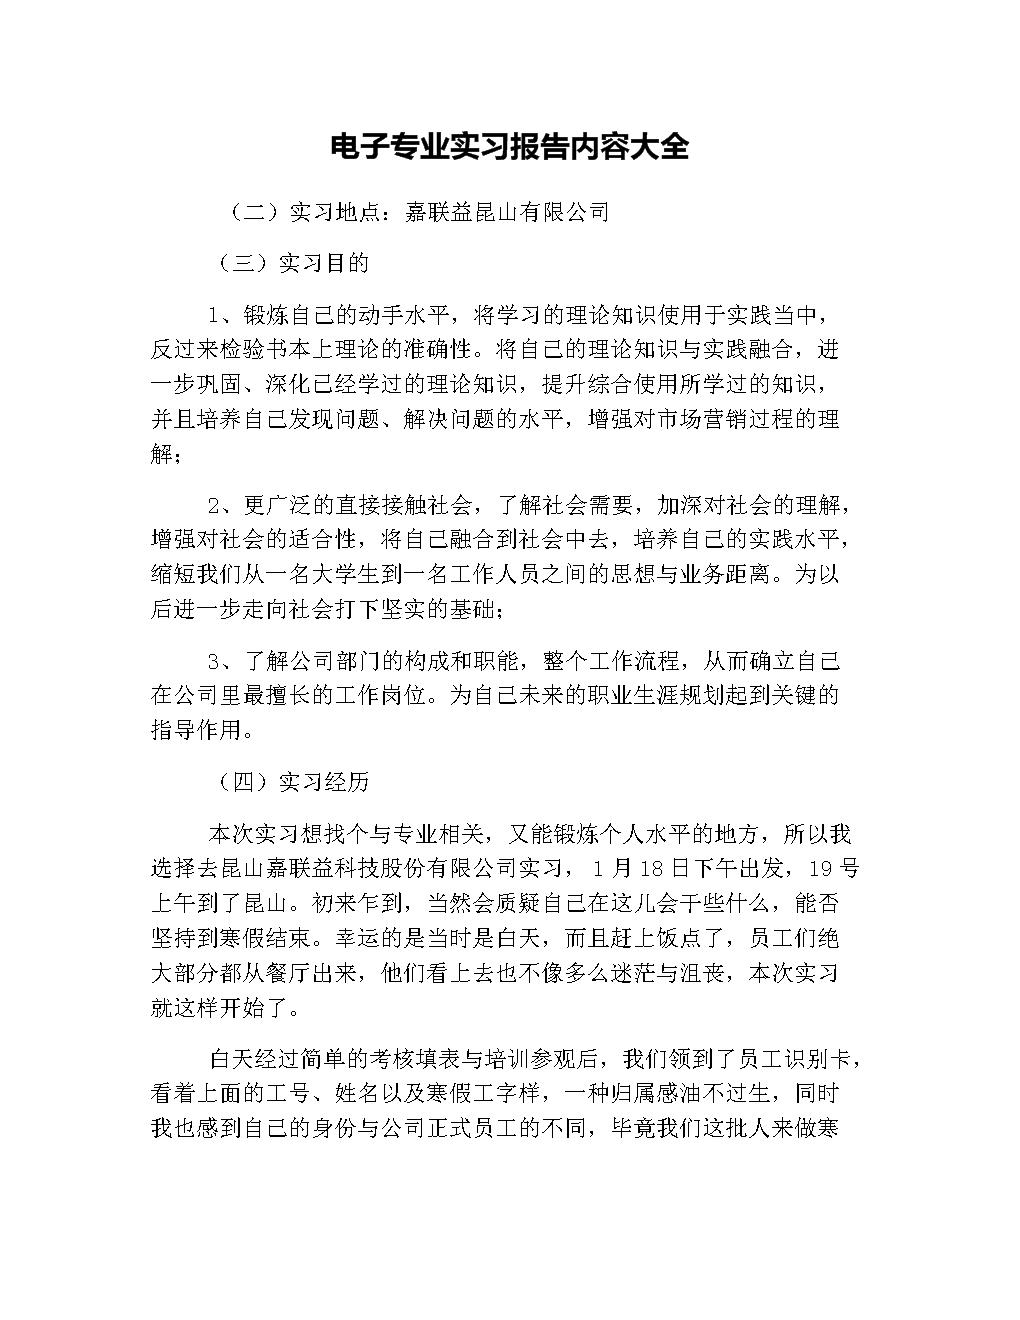 电子专业实习报告内容大全.doc